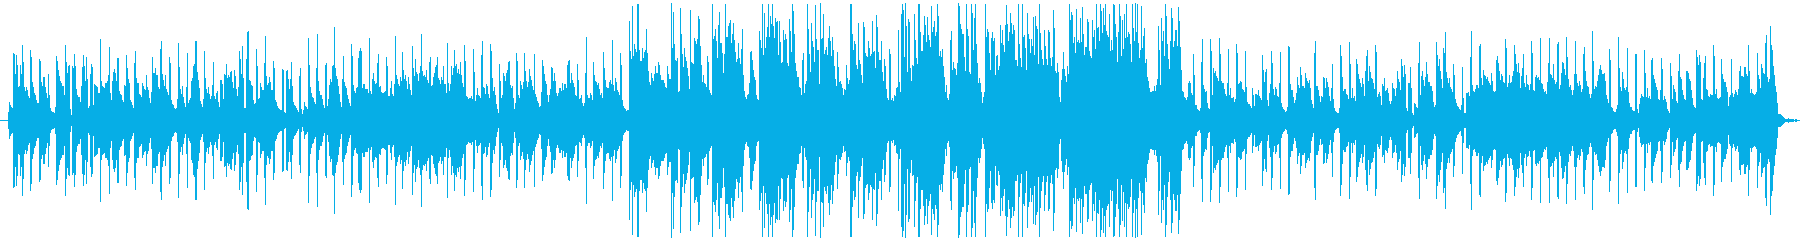 心地いいスタッカートのきいたピアノ曲の再生済みの波形